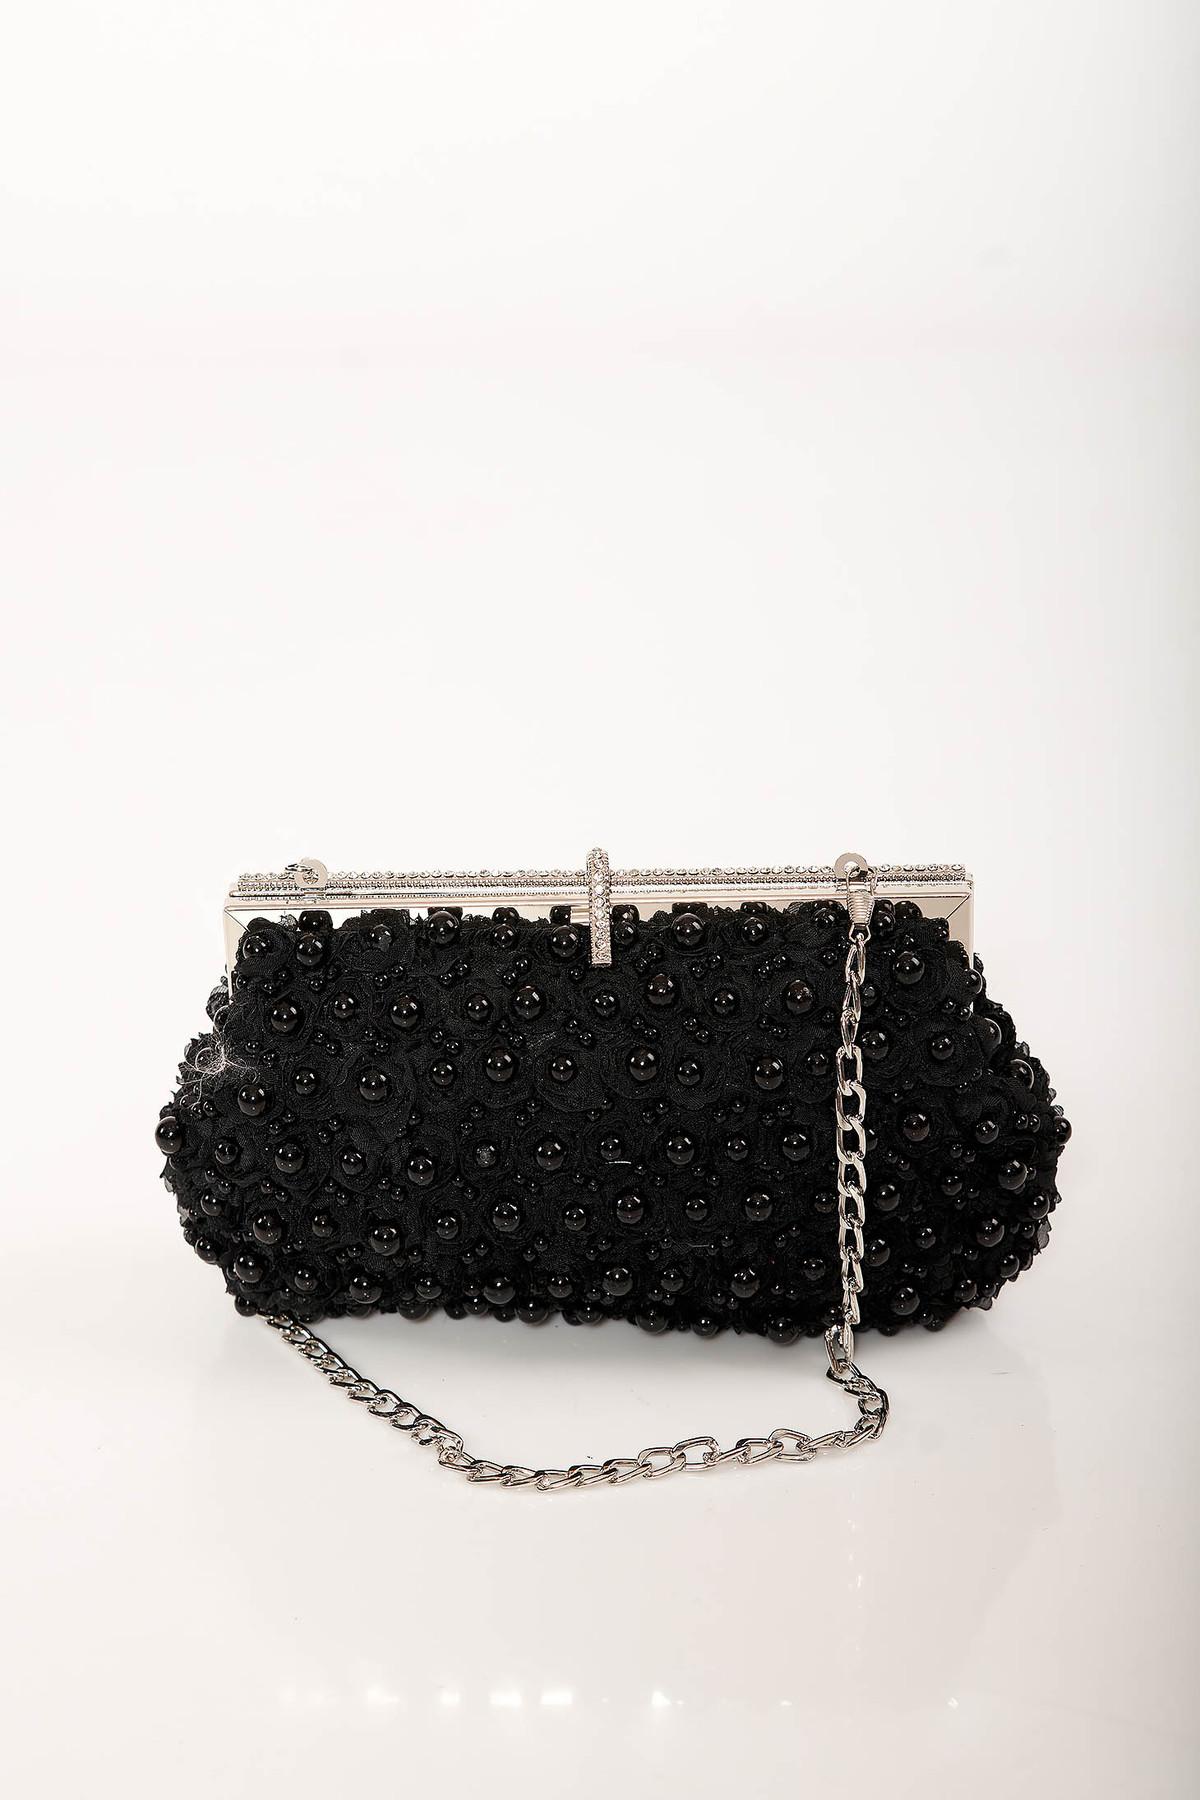 Geanta dama neagra de ocazie cu lantisor detasabil cu aplicatii cu perle si pietre strass